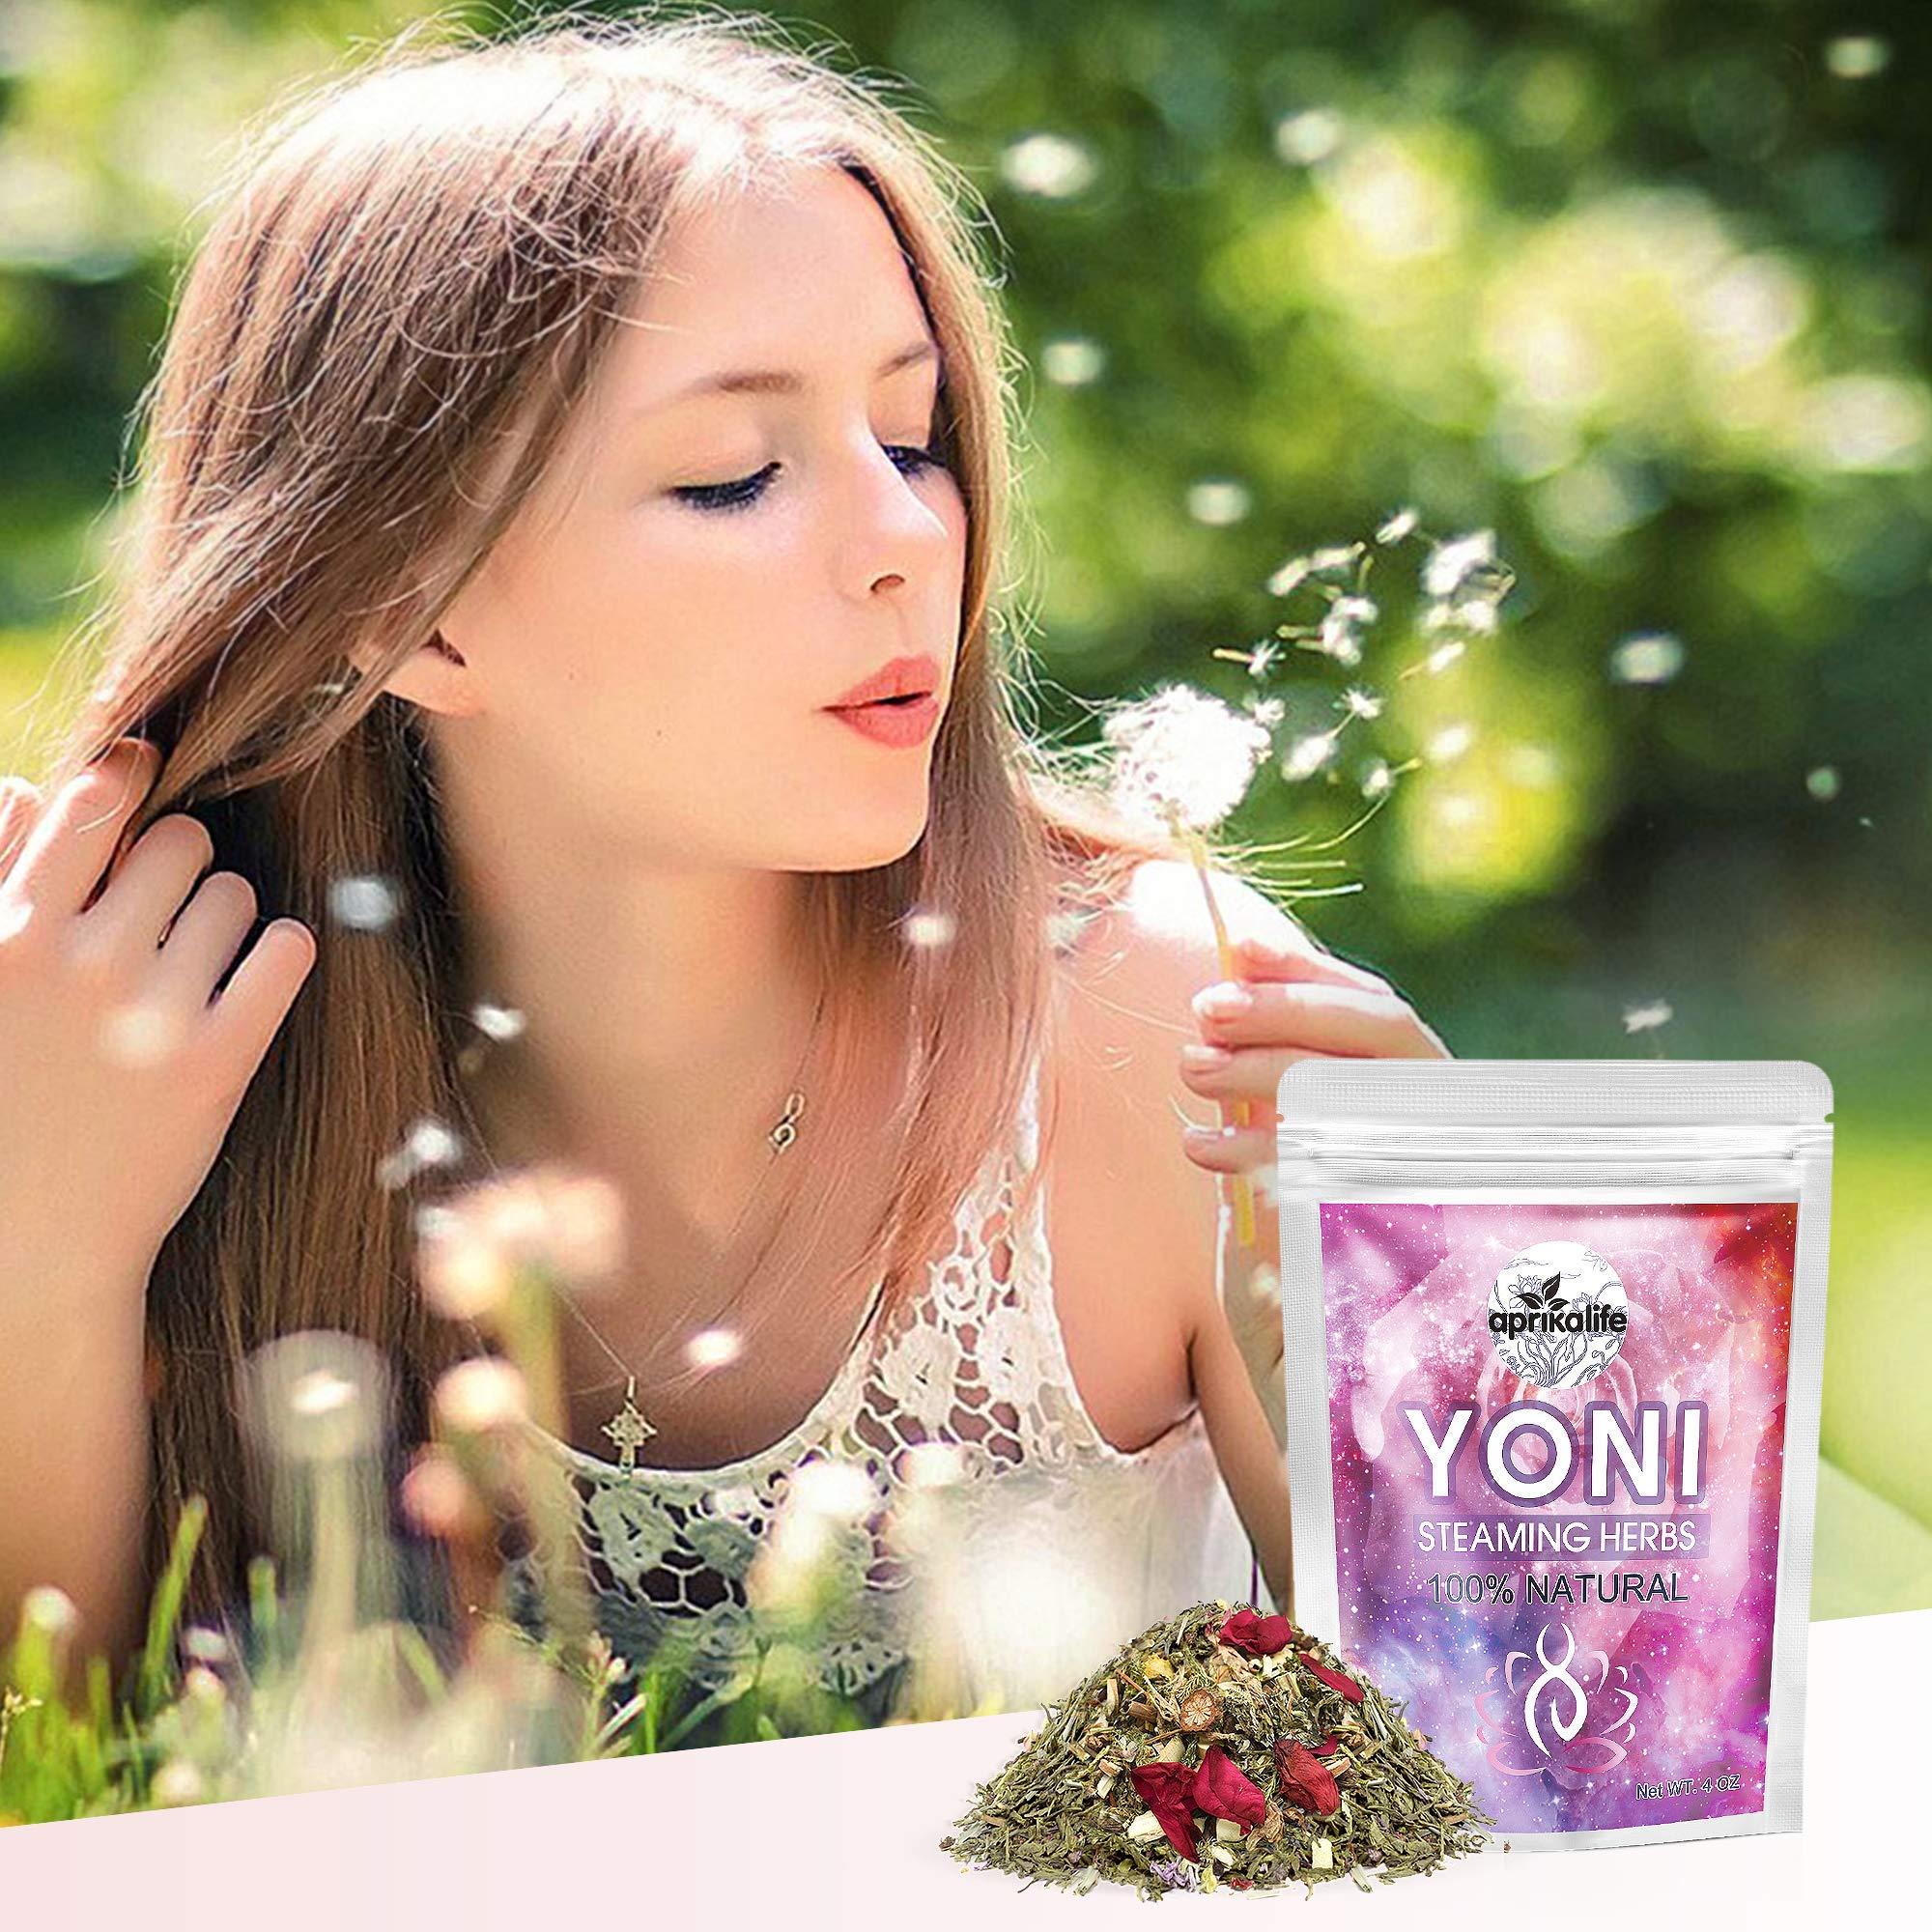 Yoni Steaming Herbs (4oz / 6 steams)